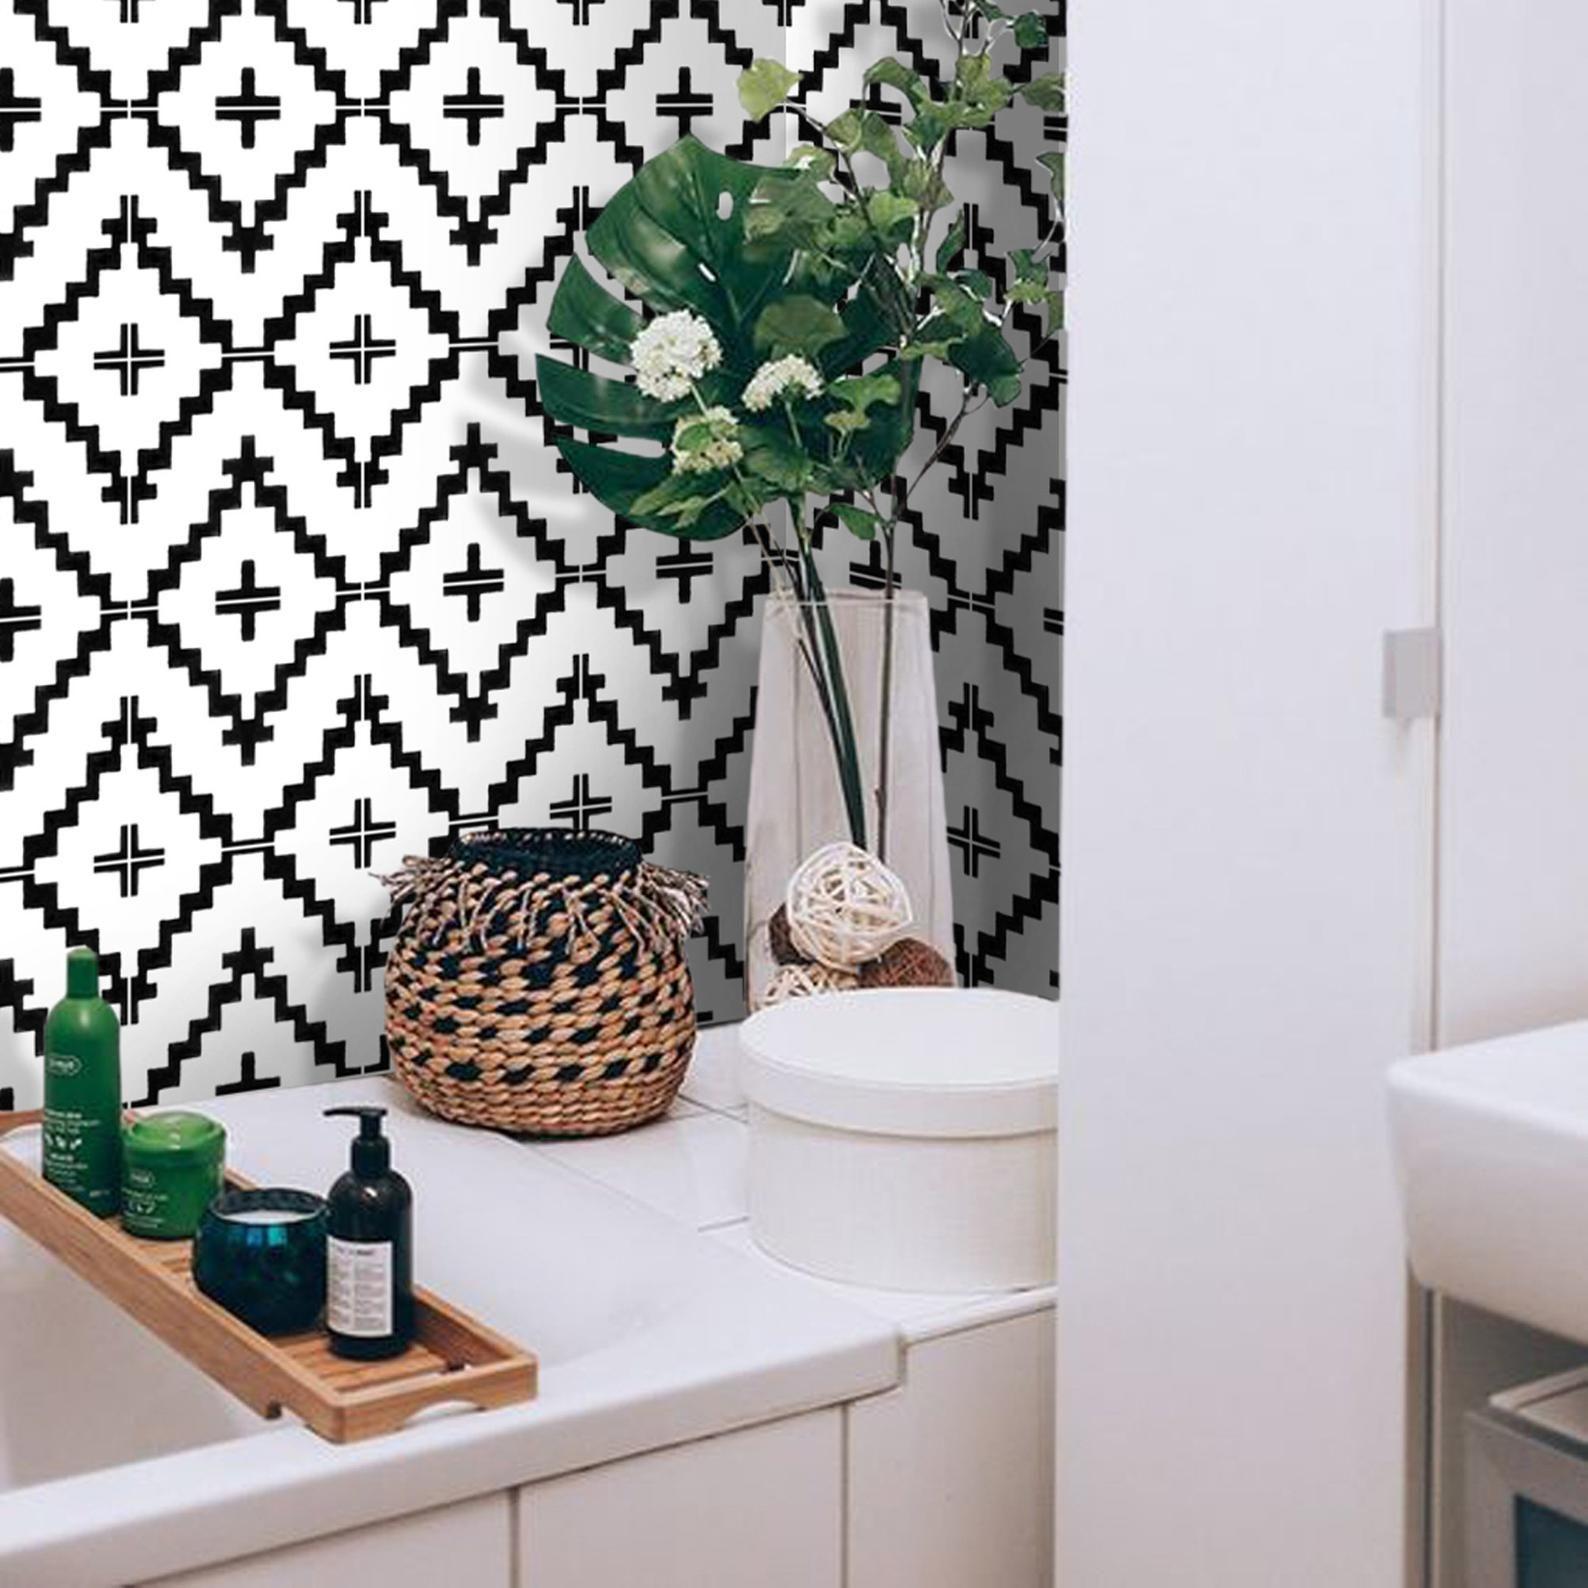 Kitchen And Bathroom Splashback Removable Vinyl Wallpaper Etsy Vinyl Wallpaper Vinyl Tile Bathroom Splashback